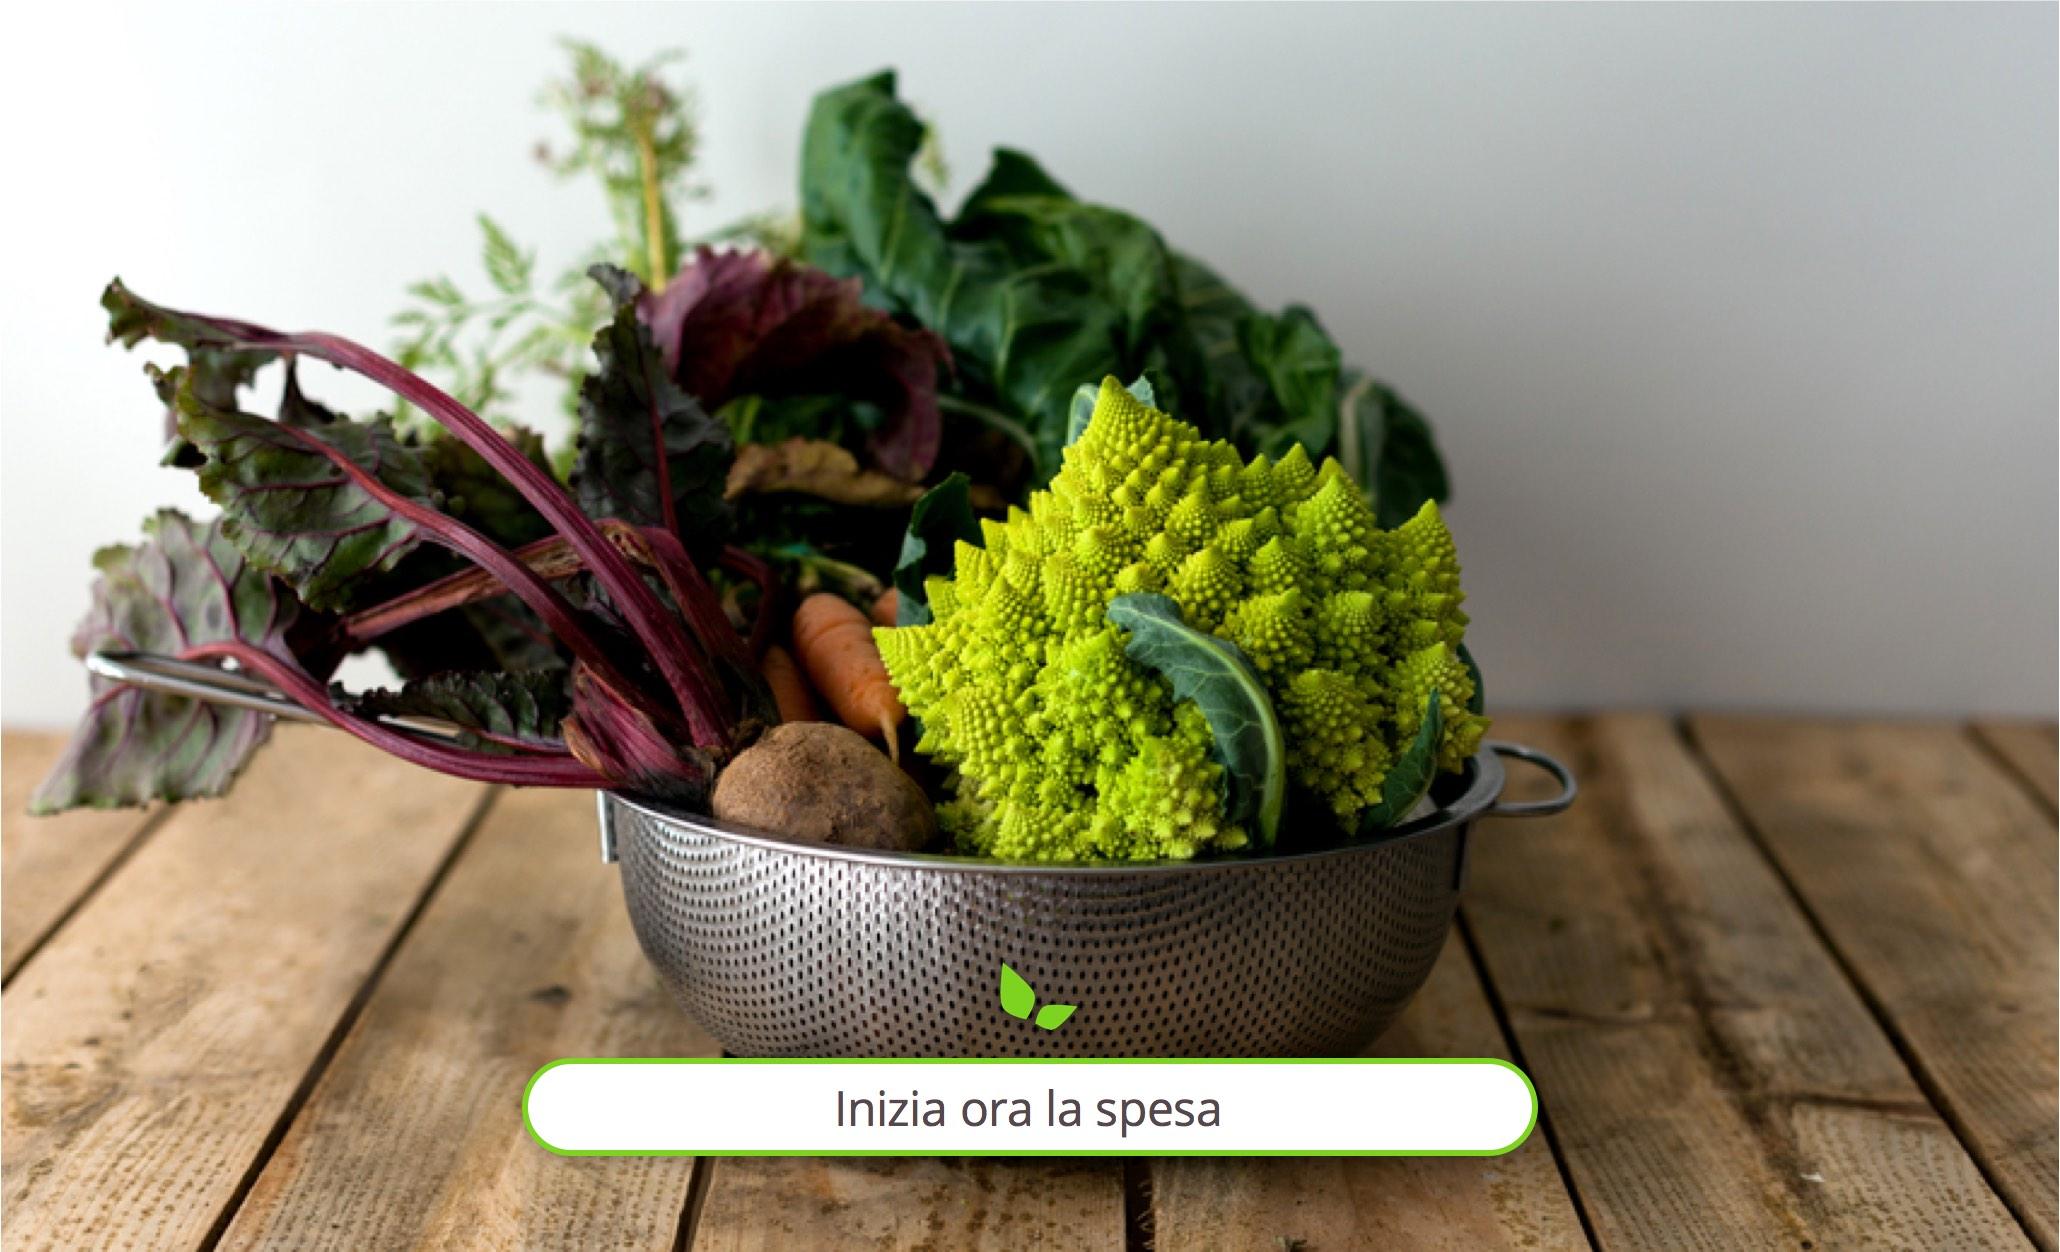 Fruttaweb chi siamo acquista online frutta e verdura fresca